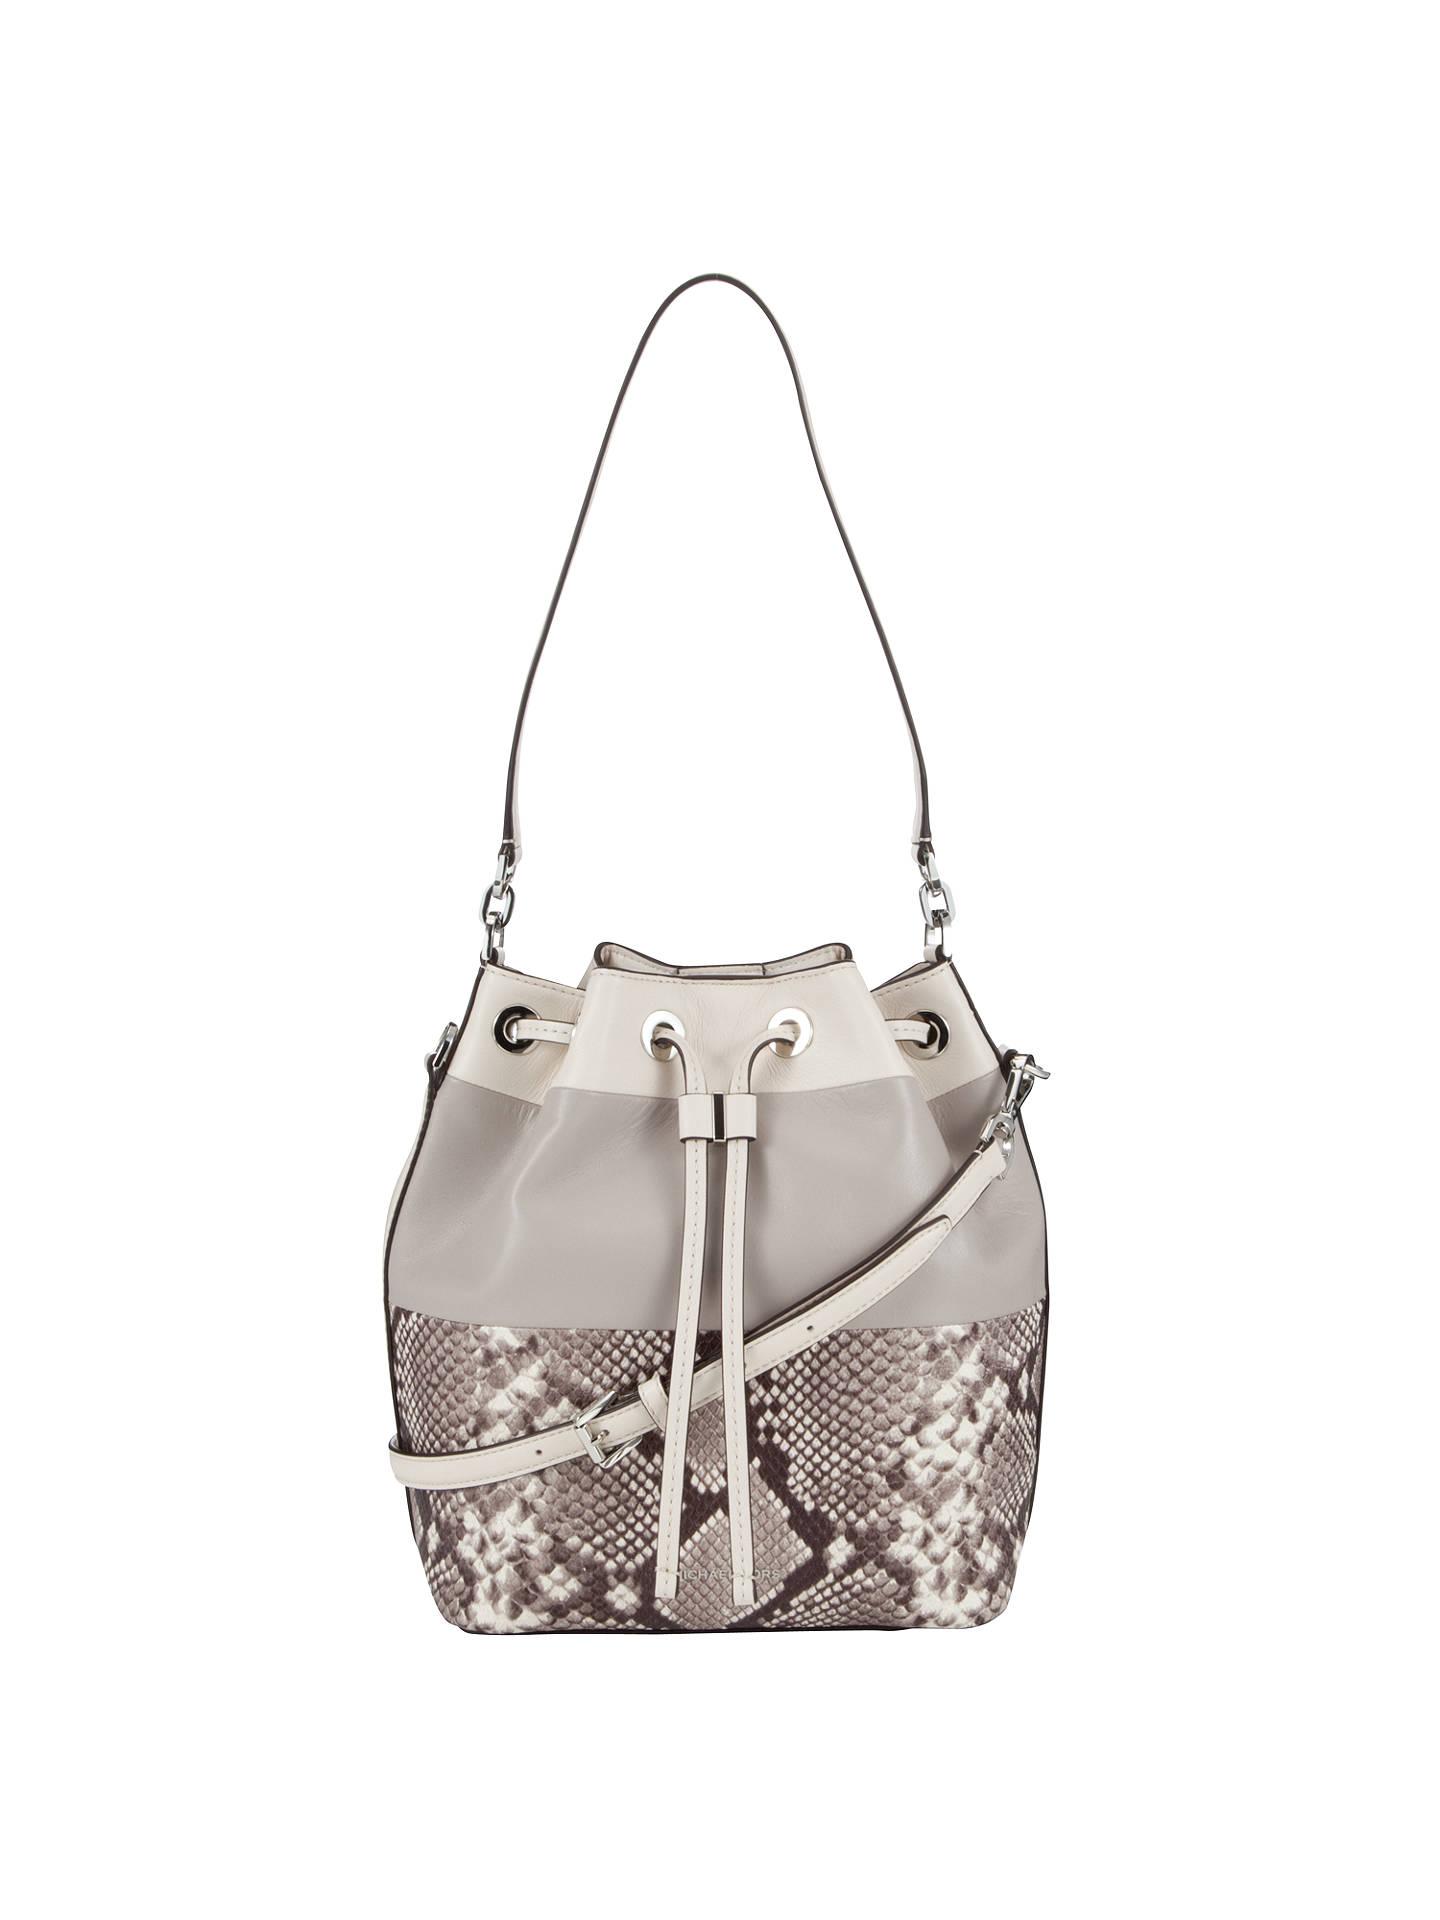 39c38e4dffd5 BuyMICHAEL Michael Kors Dottie Large Bucket Bag